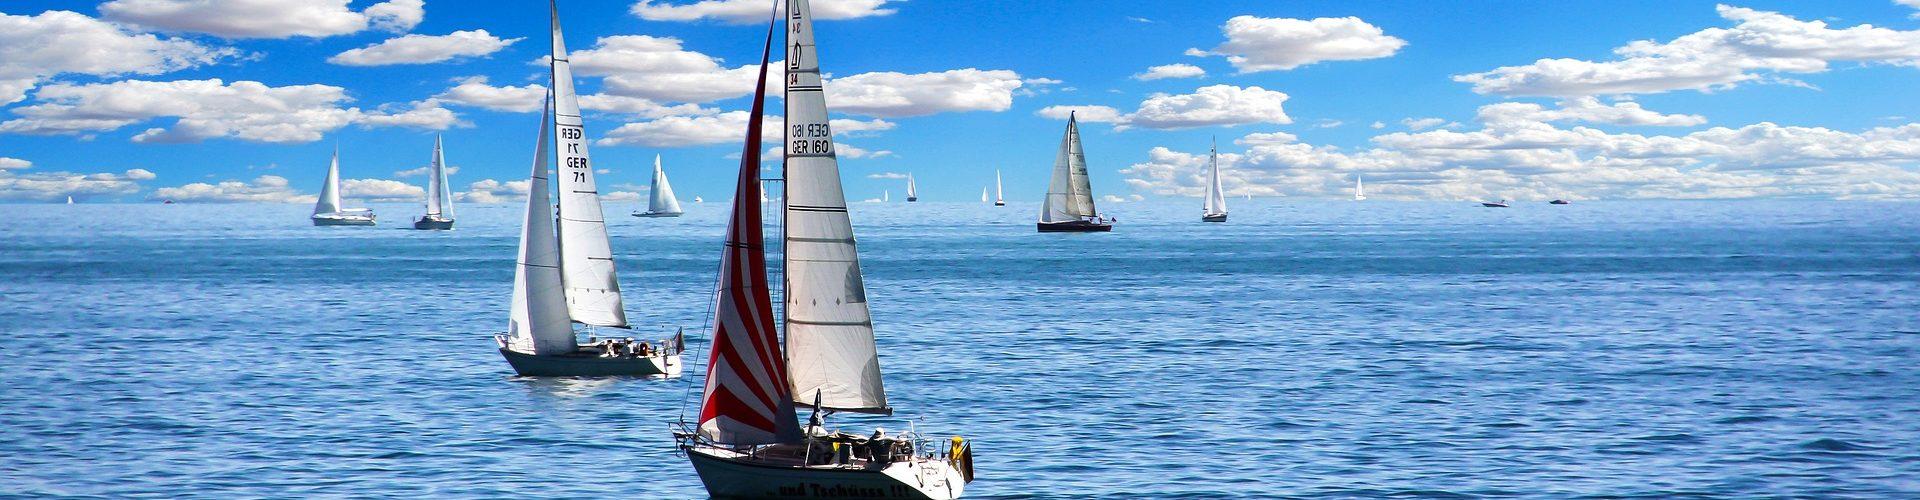 segeln lernen in Beilngries segelschein machen in Beilngries 1920x500 - Segeln lernen in Beilngries